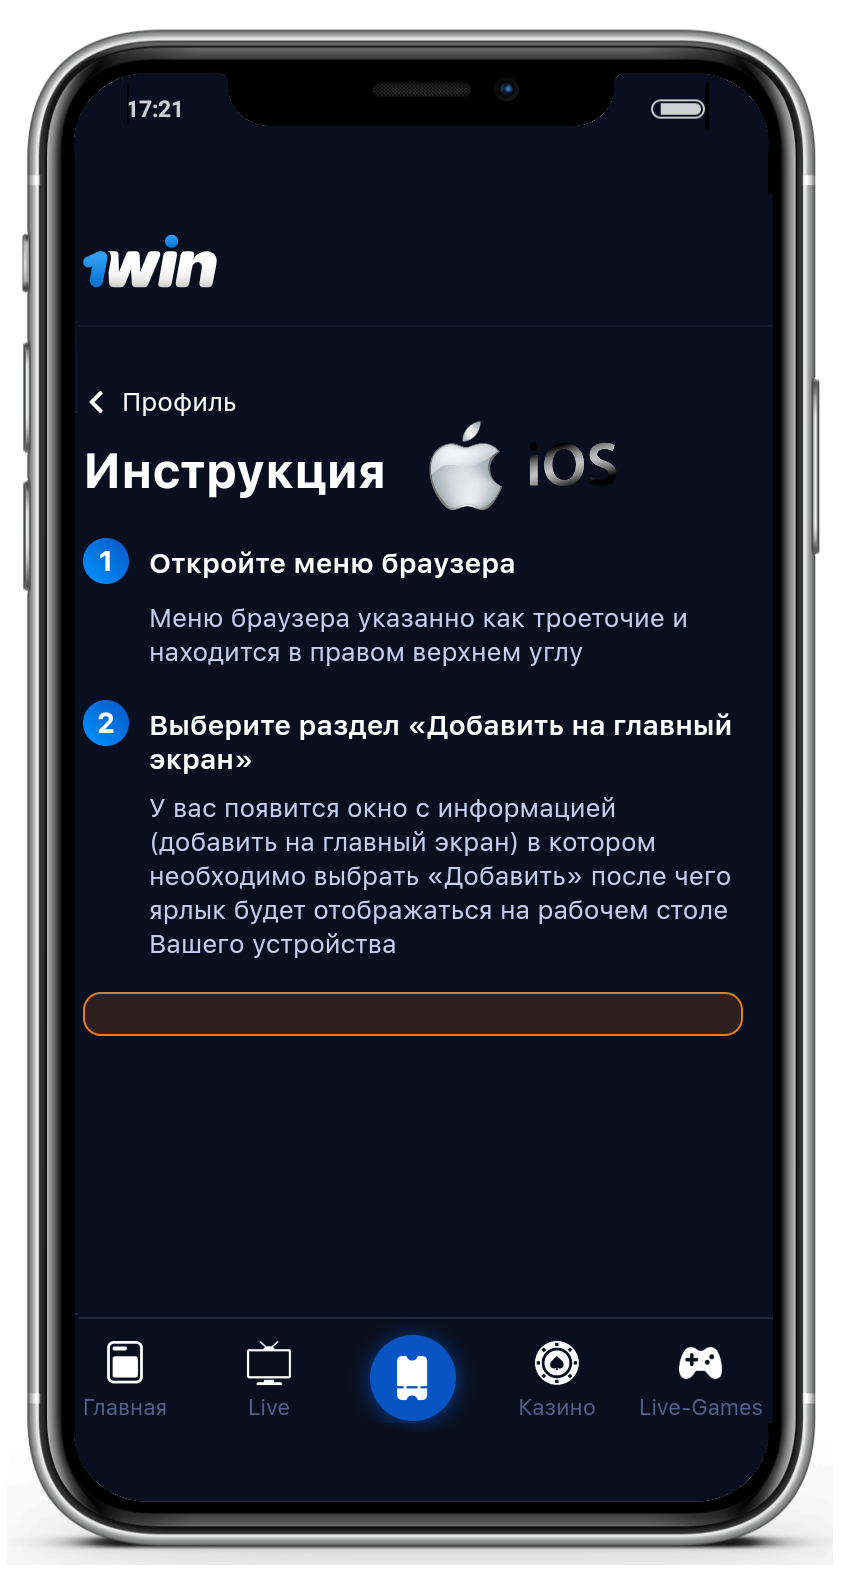 загрузка приложения на смотрфон